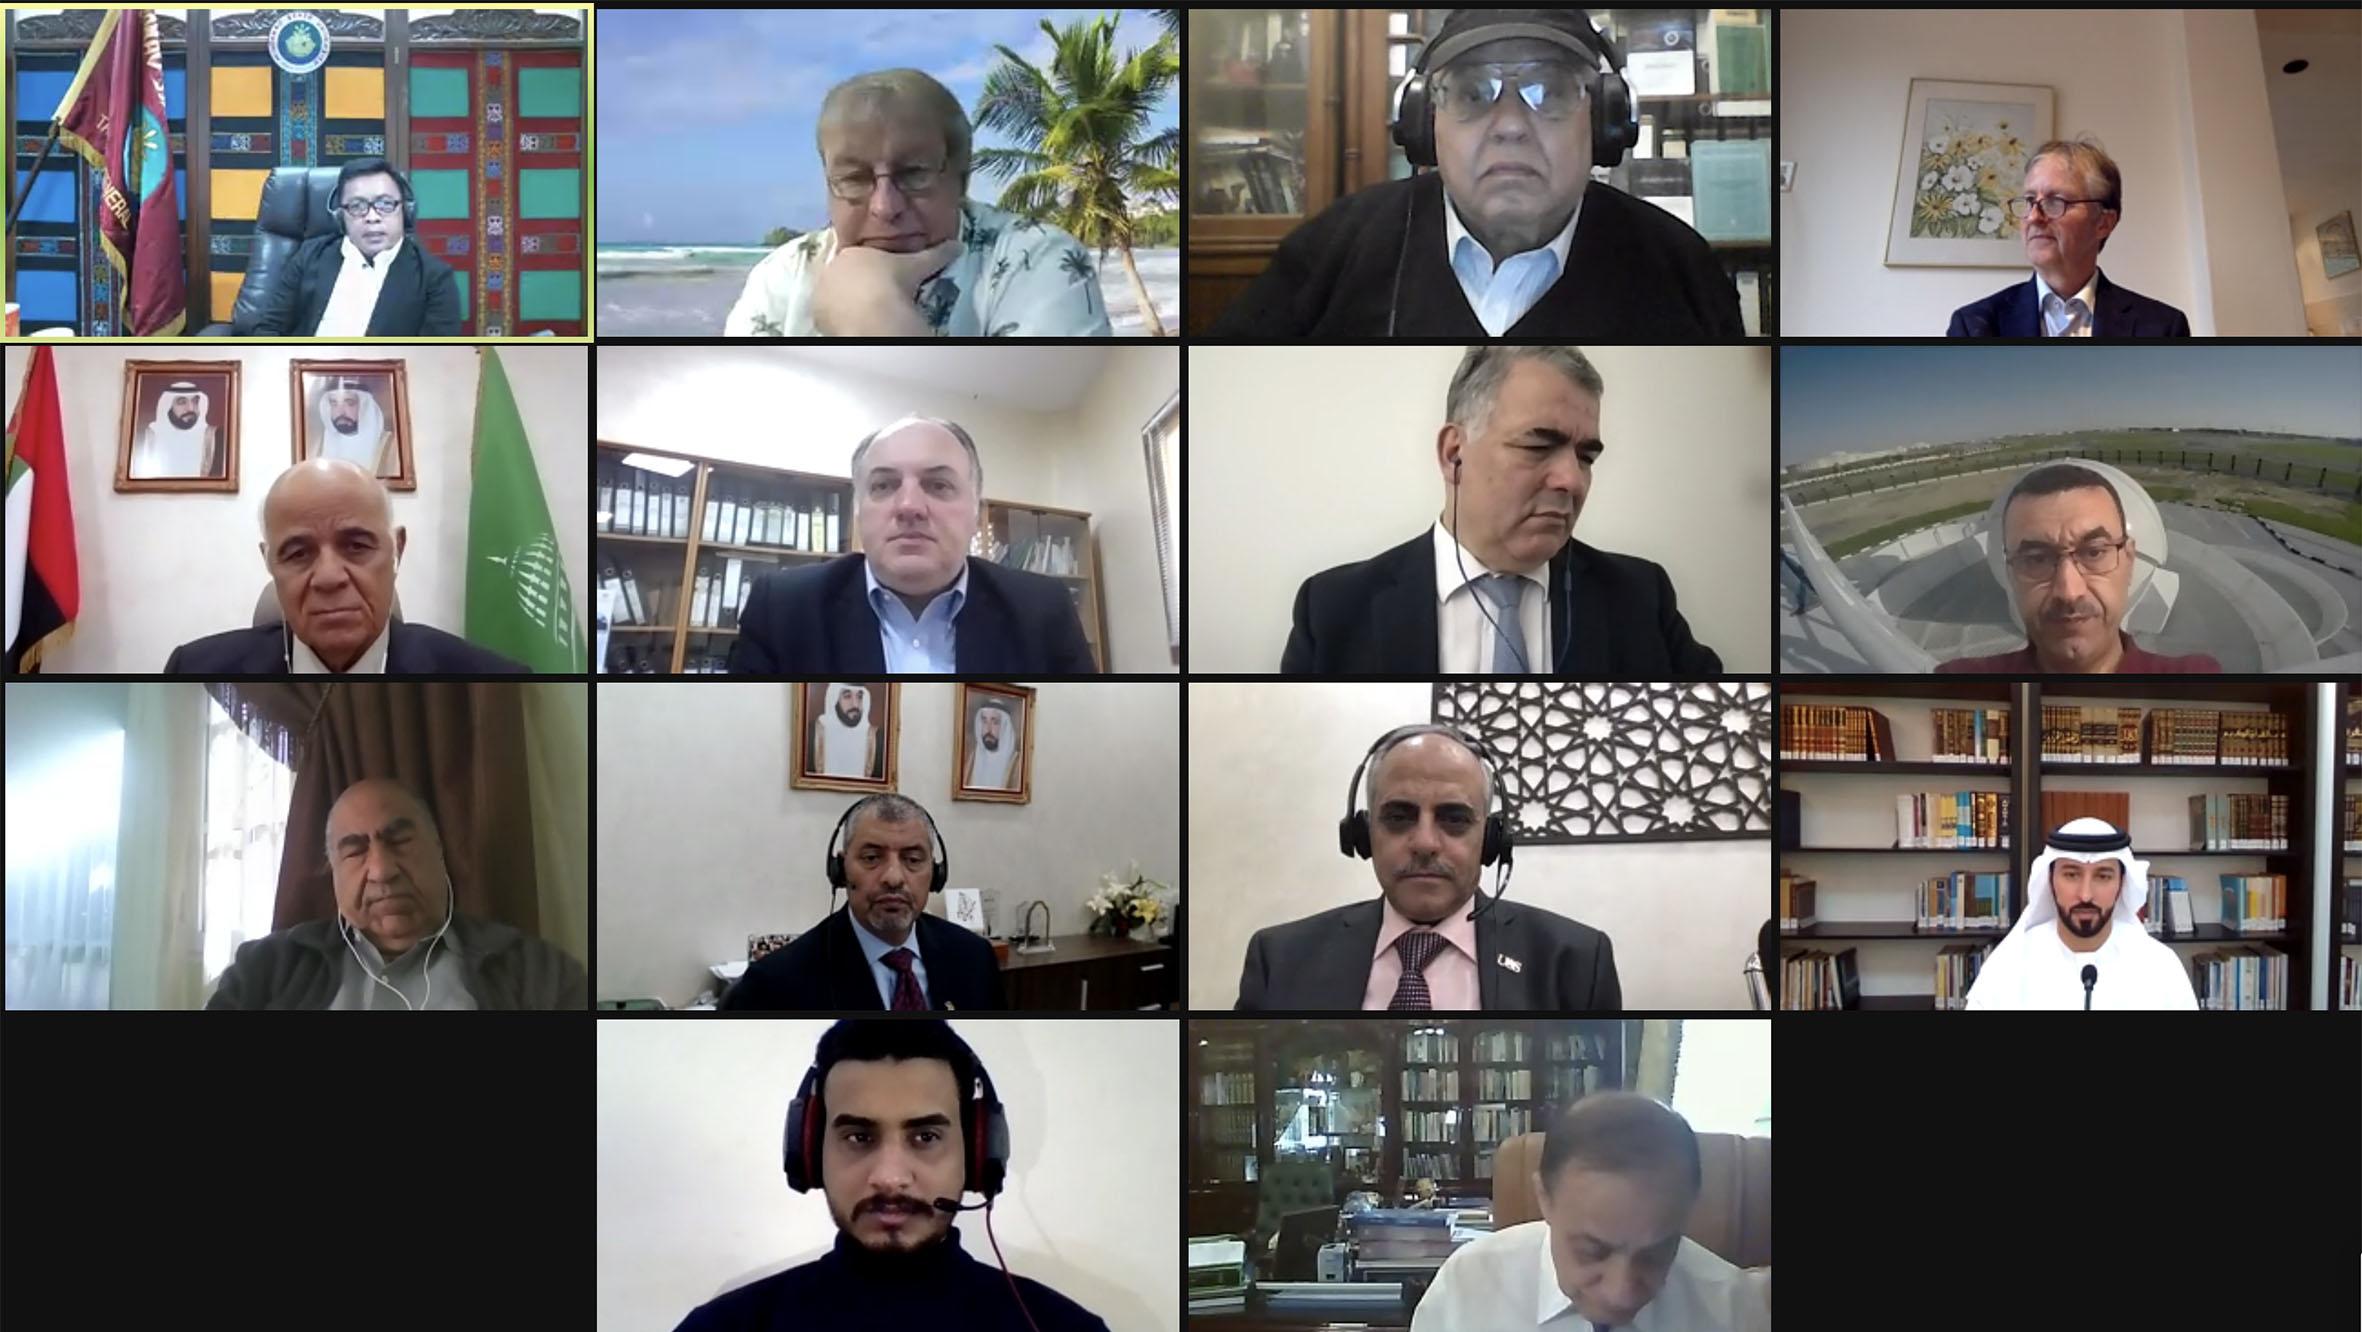 برگزاری کنفرانس بین المللی تاریخ علوم اعراب و مسلمانان در شارجه